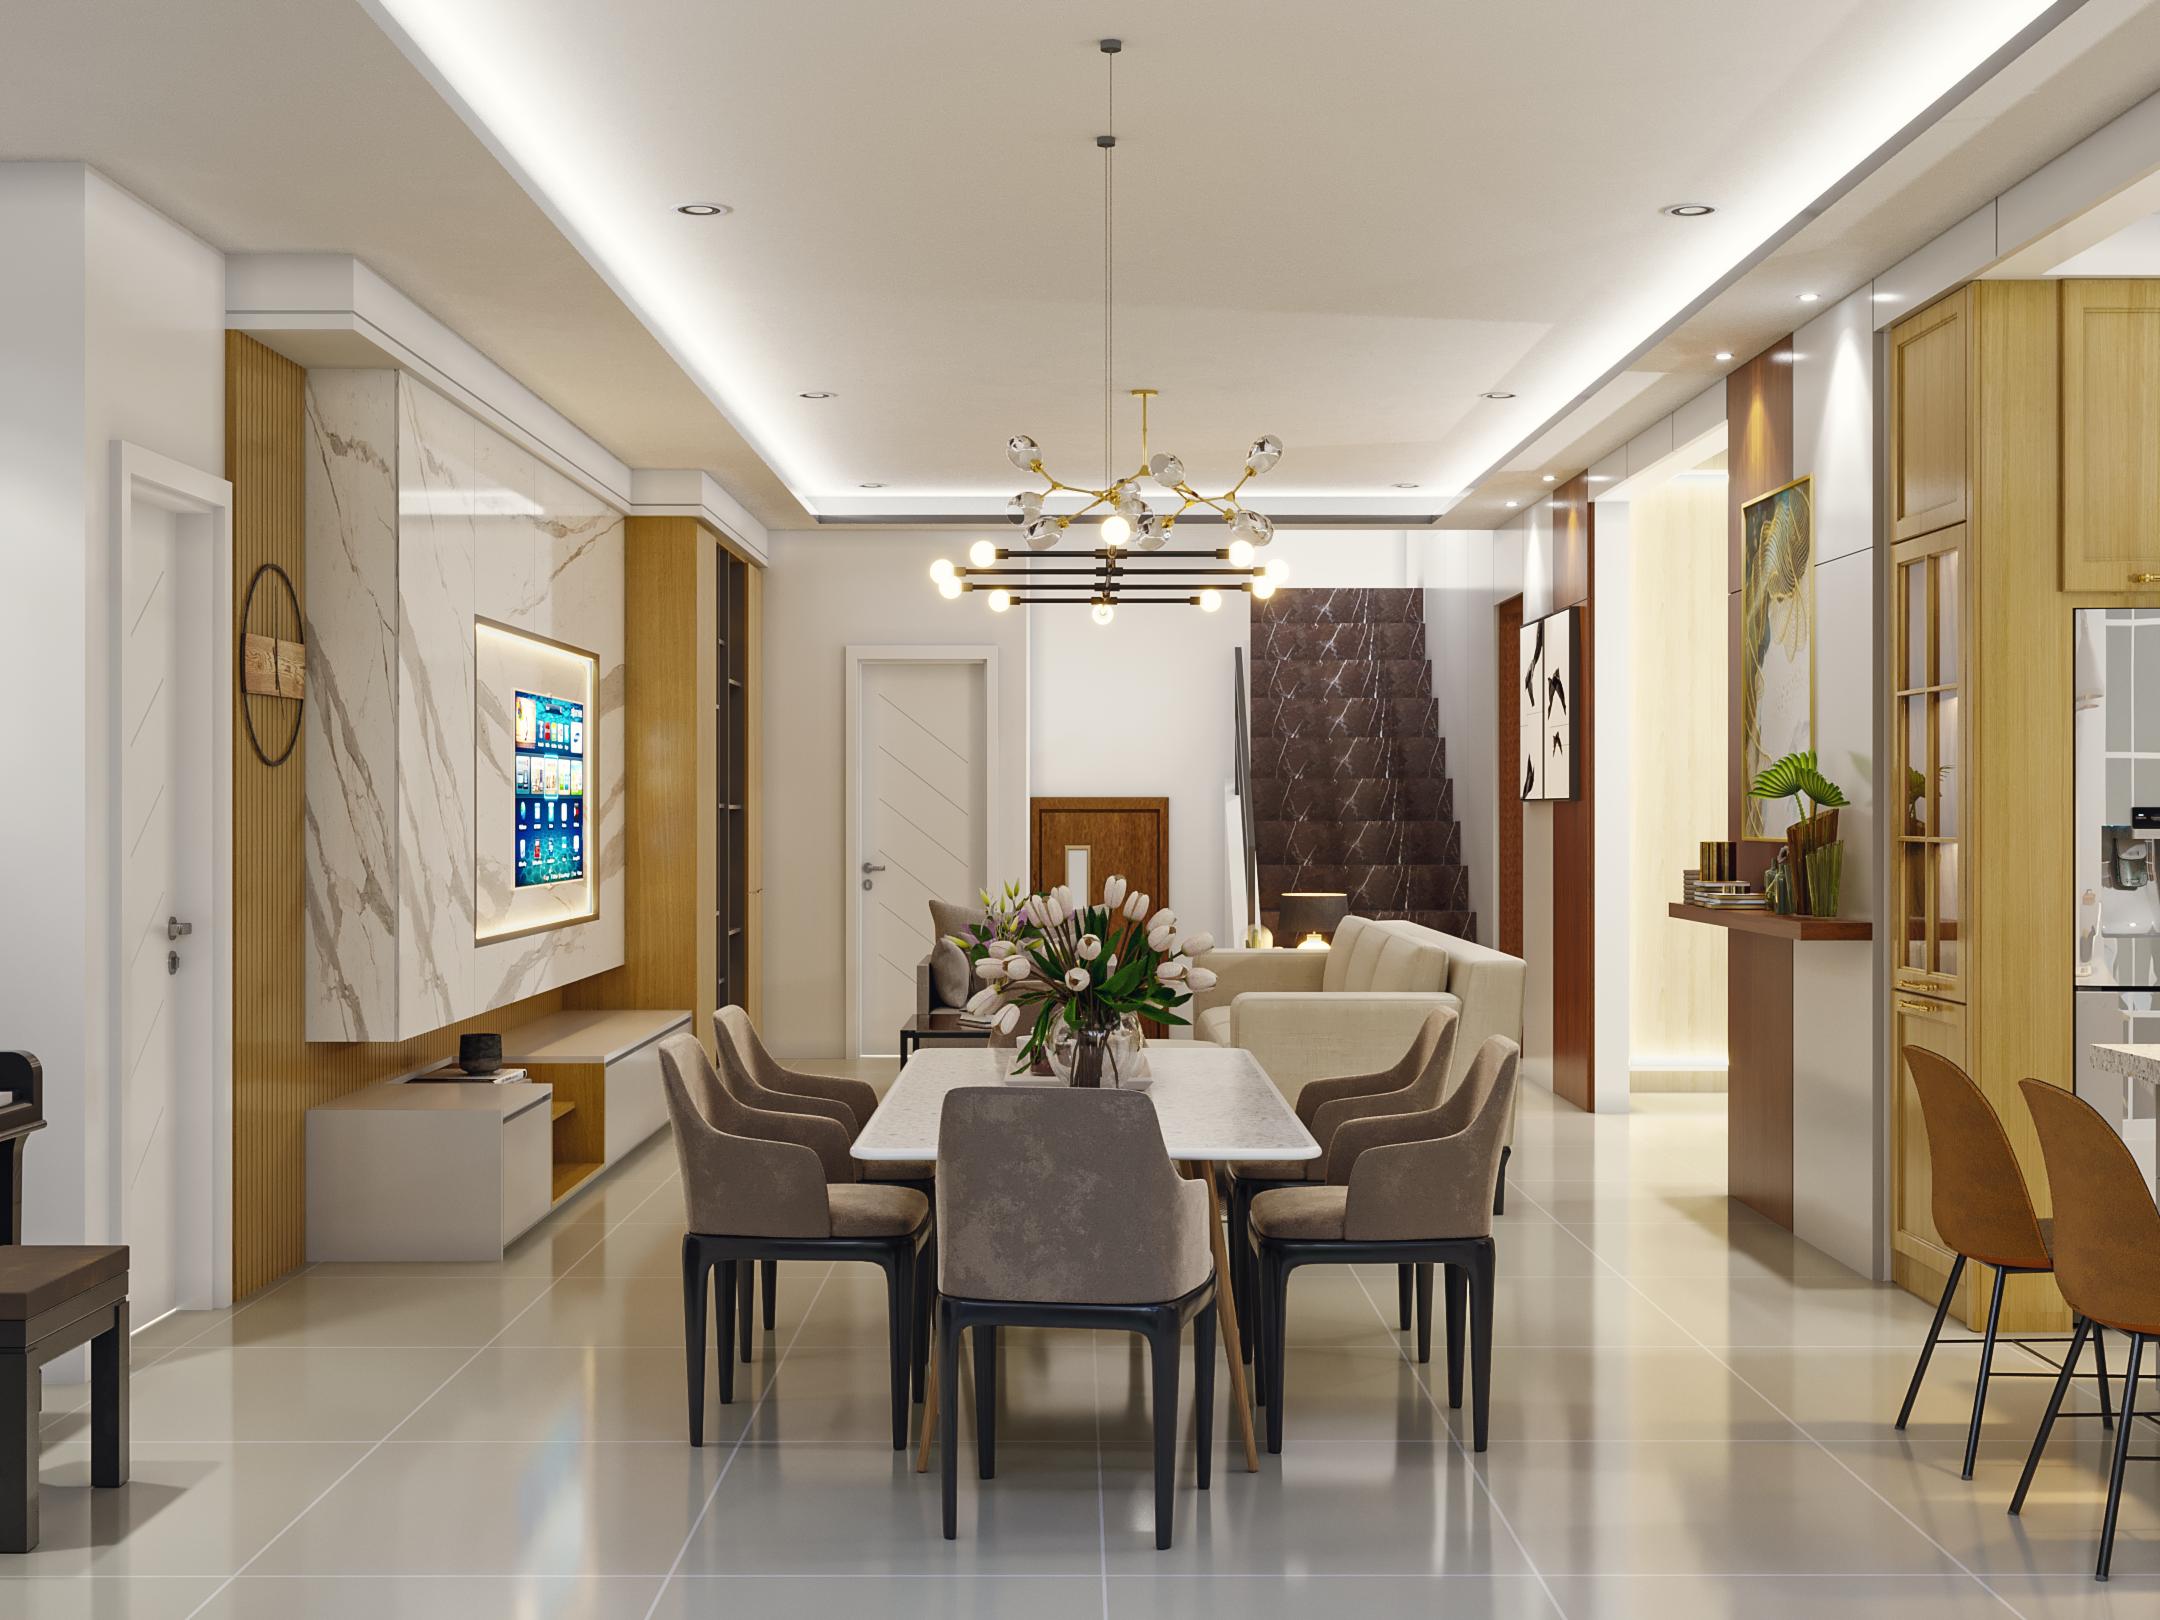 ruang keluarga klasik modern